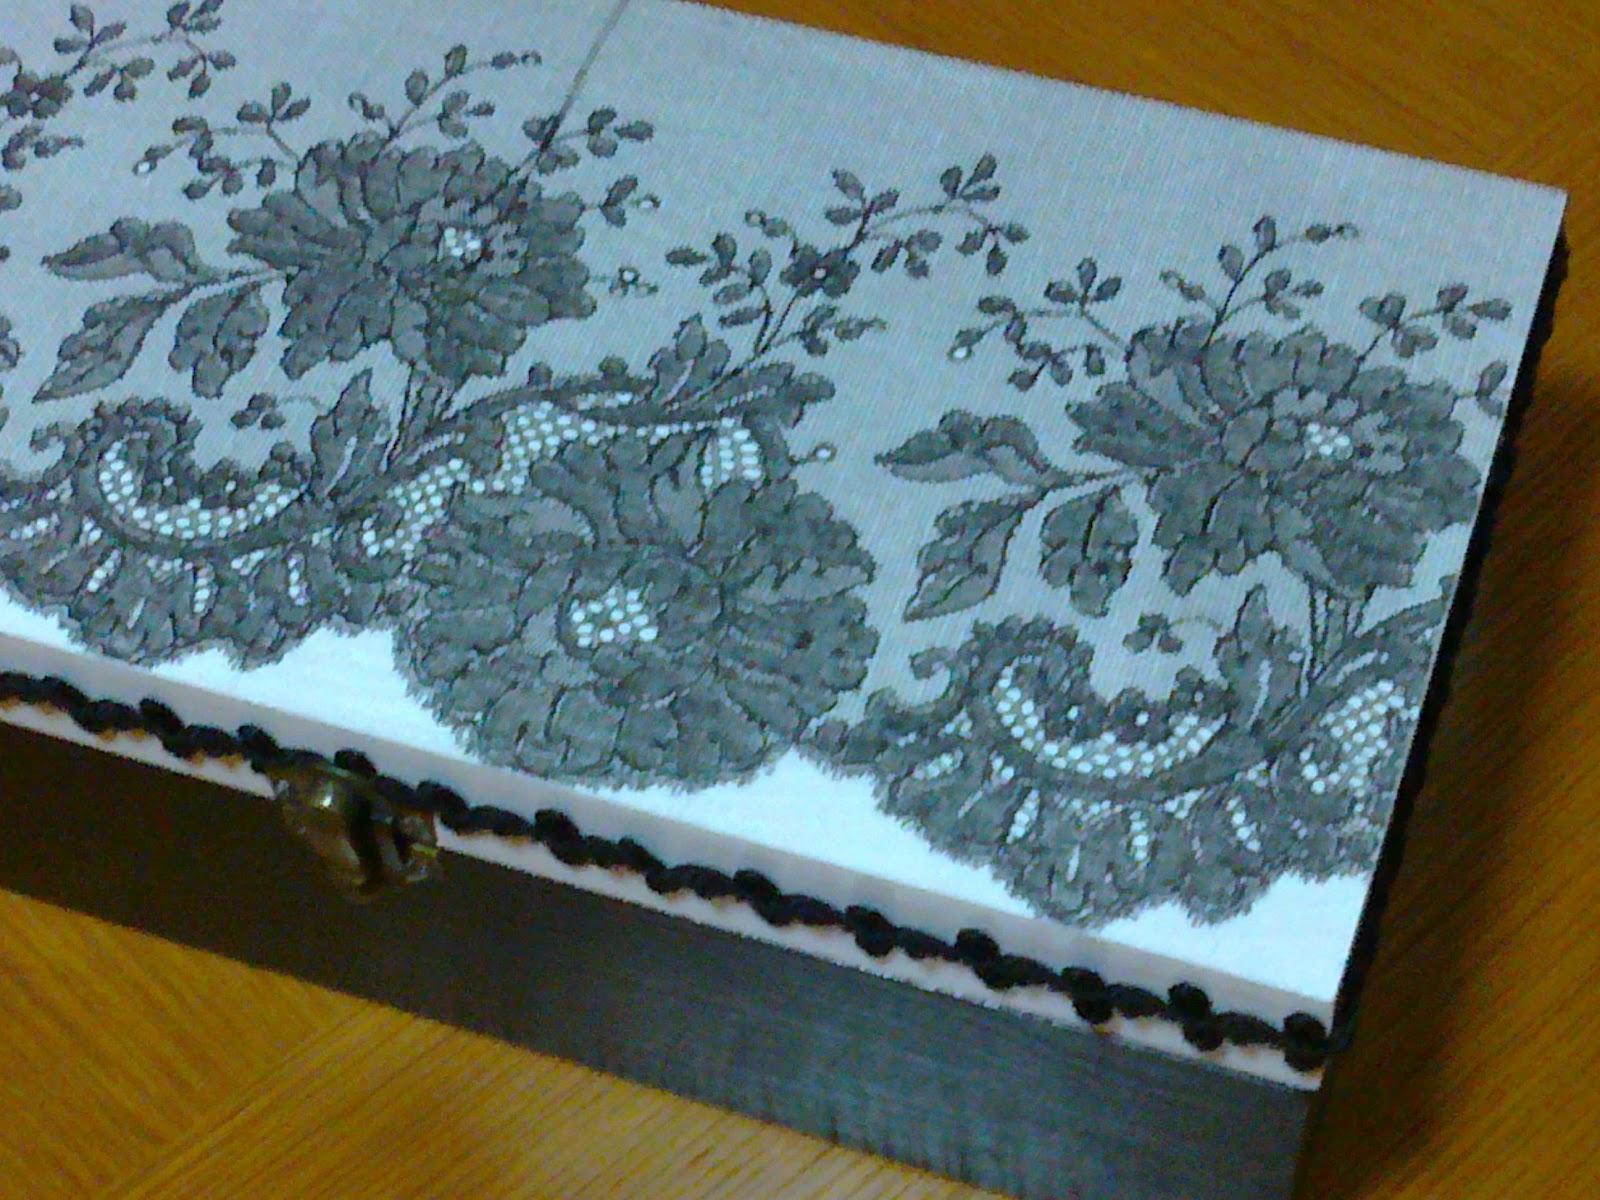 Caixa de madeira pintada à mão com tinta acrílica nos tons branco  #089AC3 1600x1200